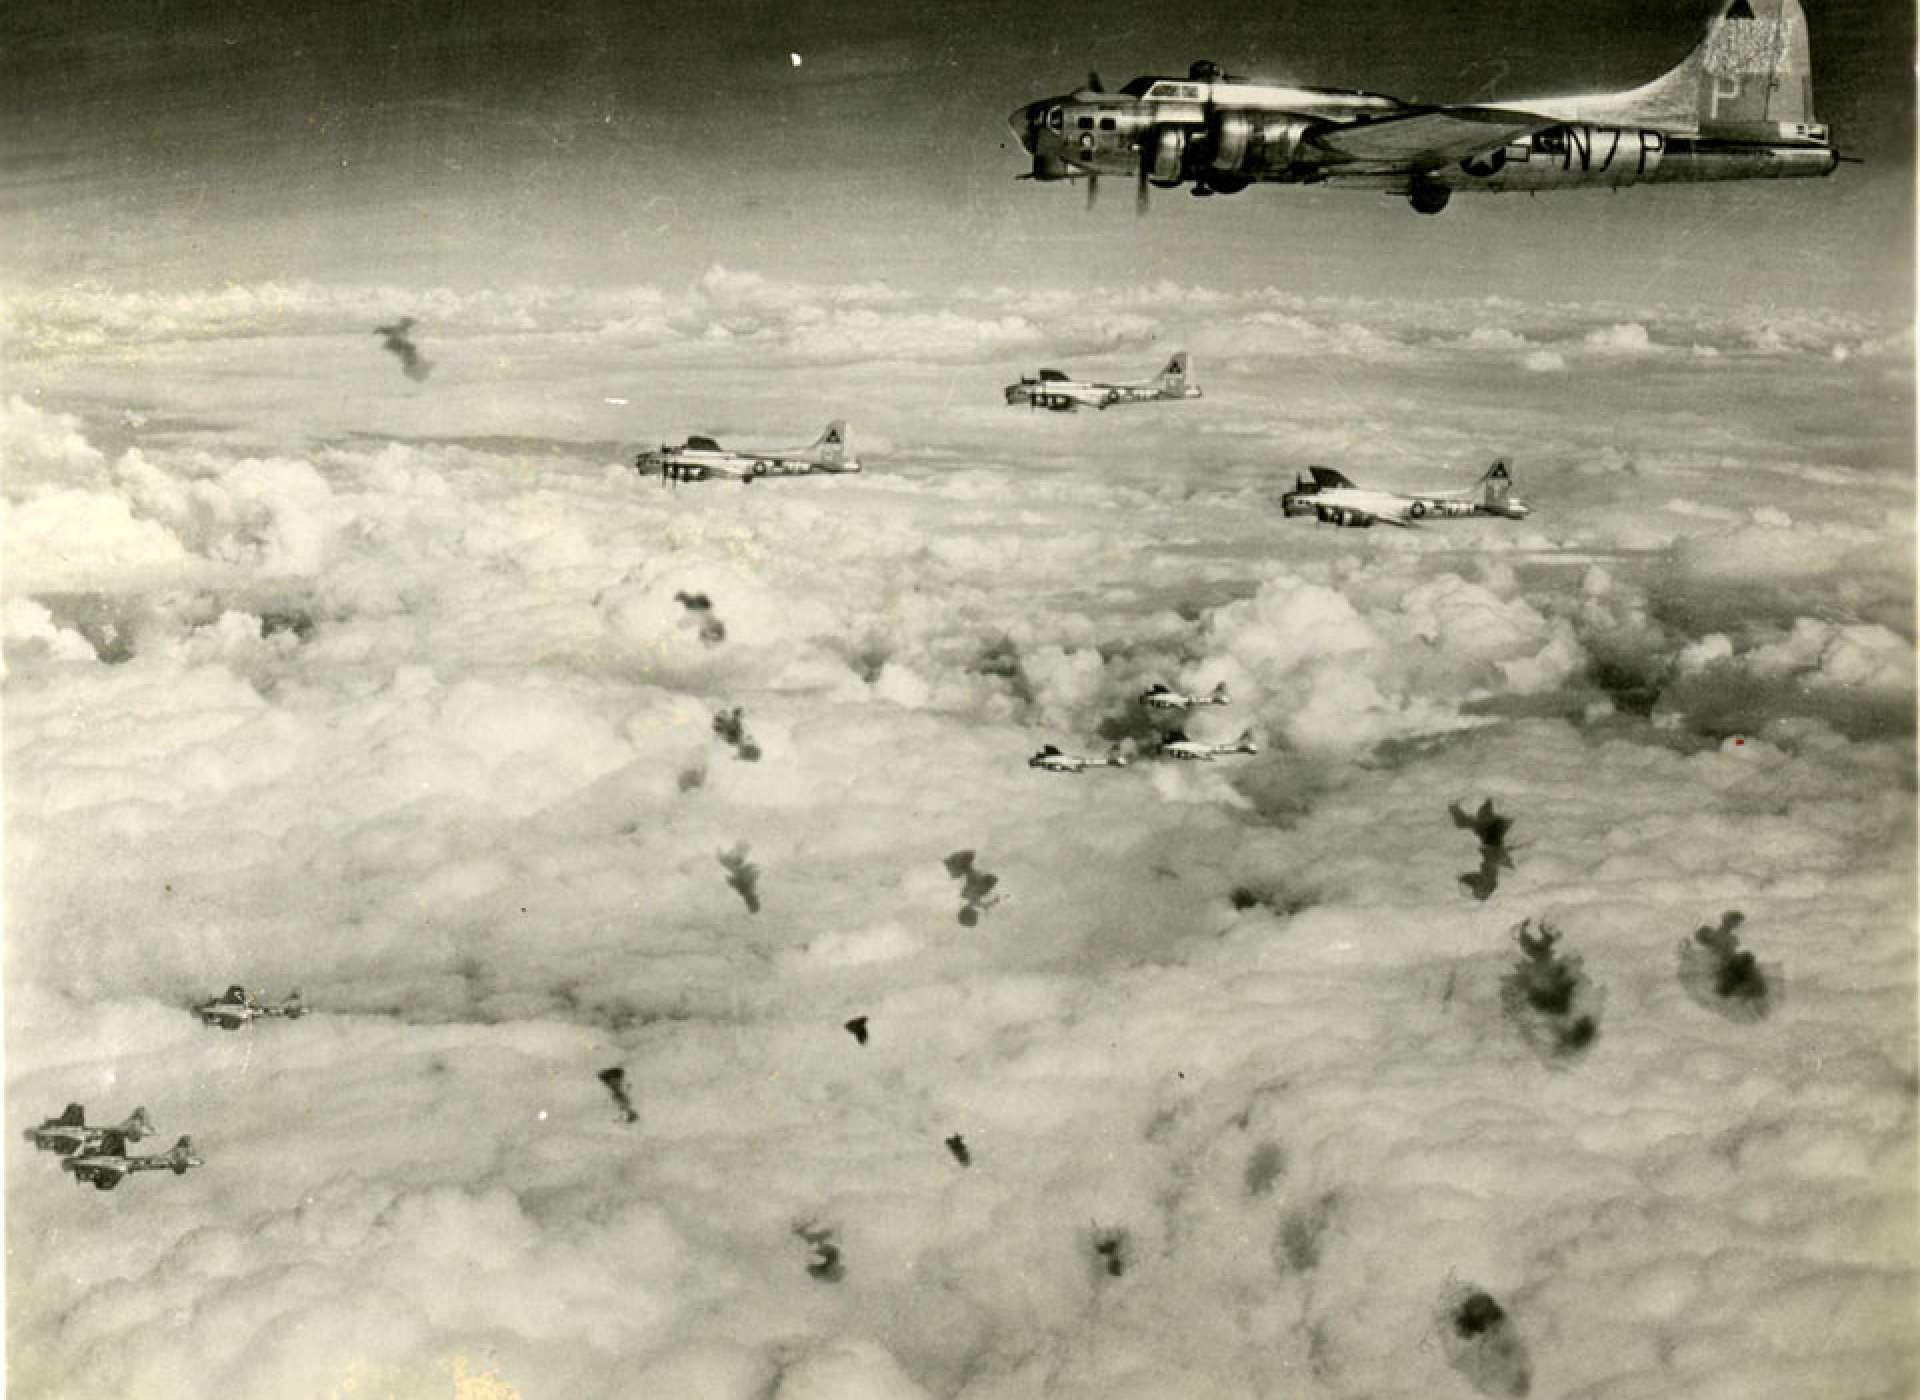 B-17s taking flak - 1944-45